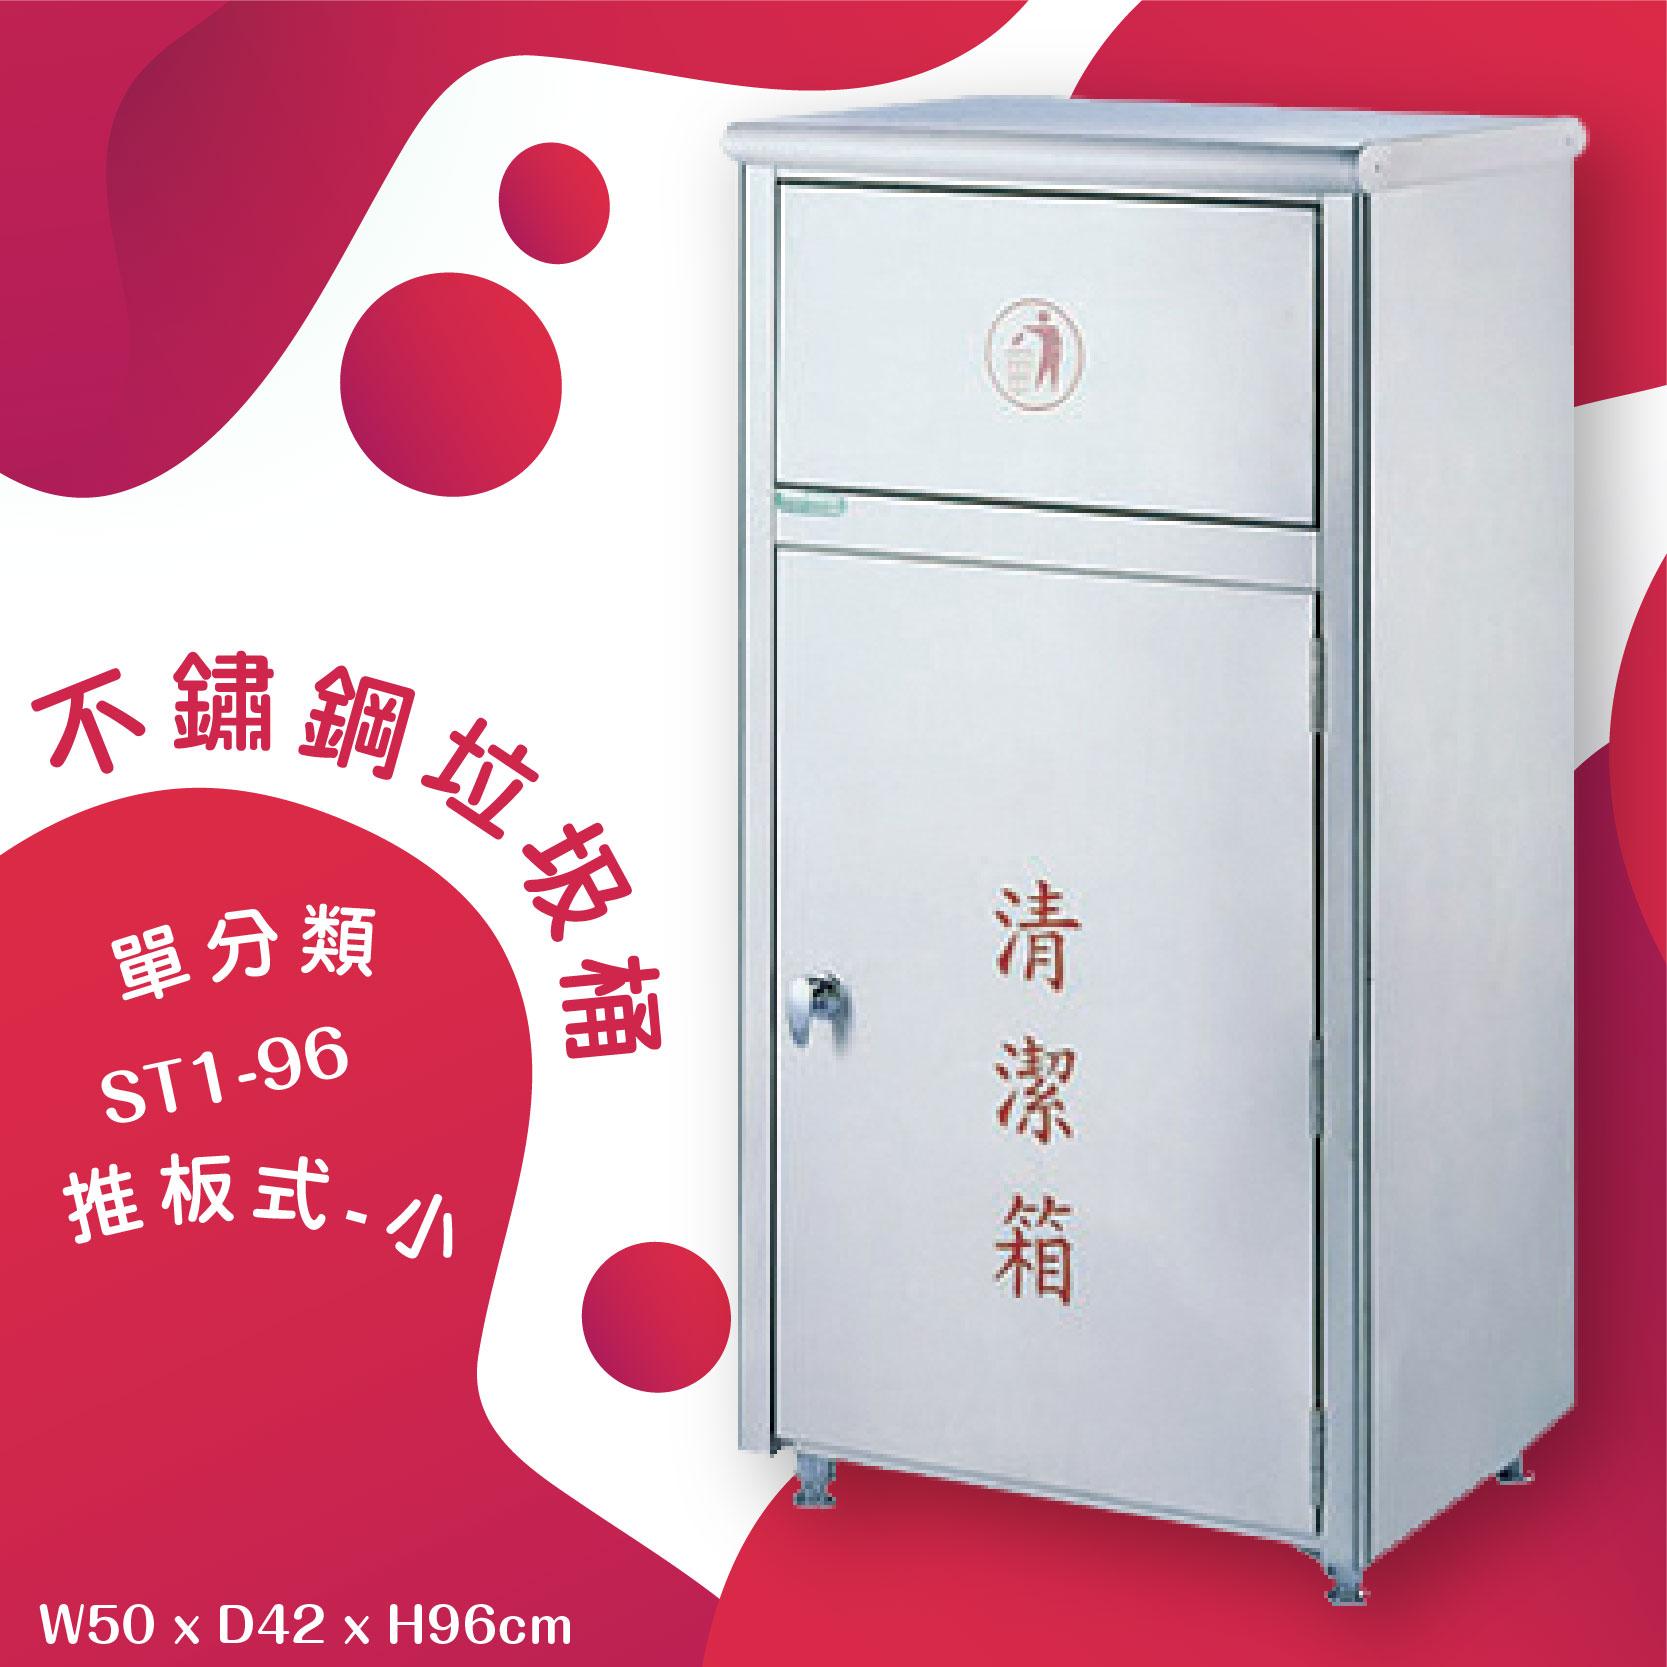 ST1-96 不鏽鋼清潔箱(小) 推板式 附不鏽鋼內桶 垃圾桶 不鏽鋼垃圾桶 回收桶 環境清潔 資源回收 公共設施